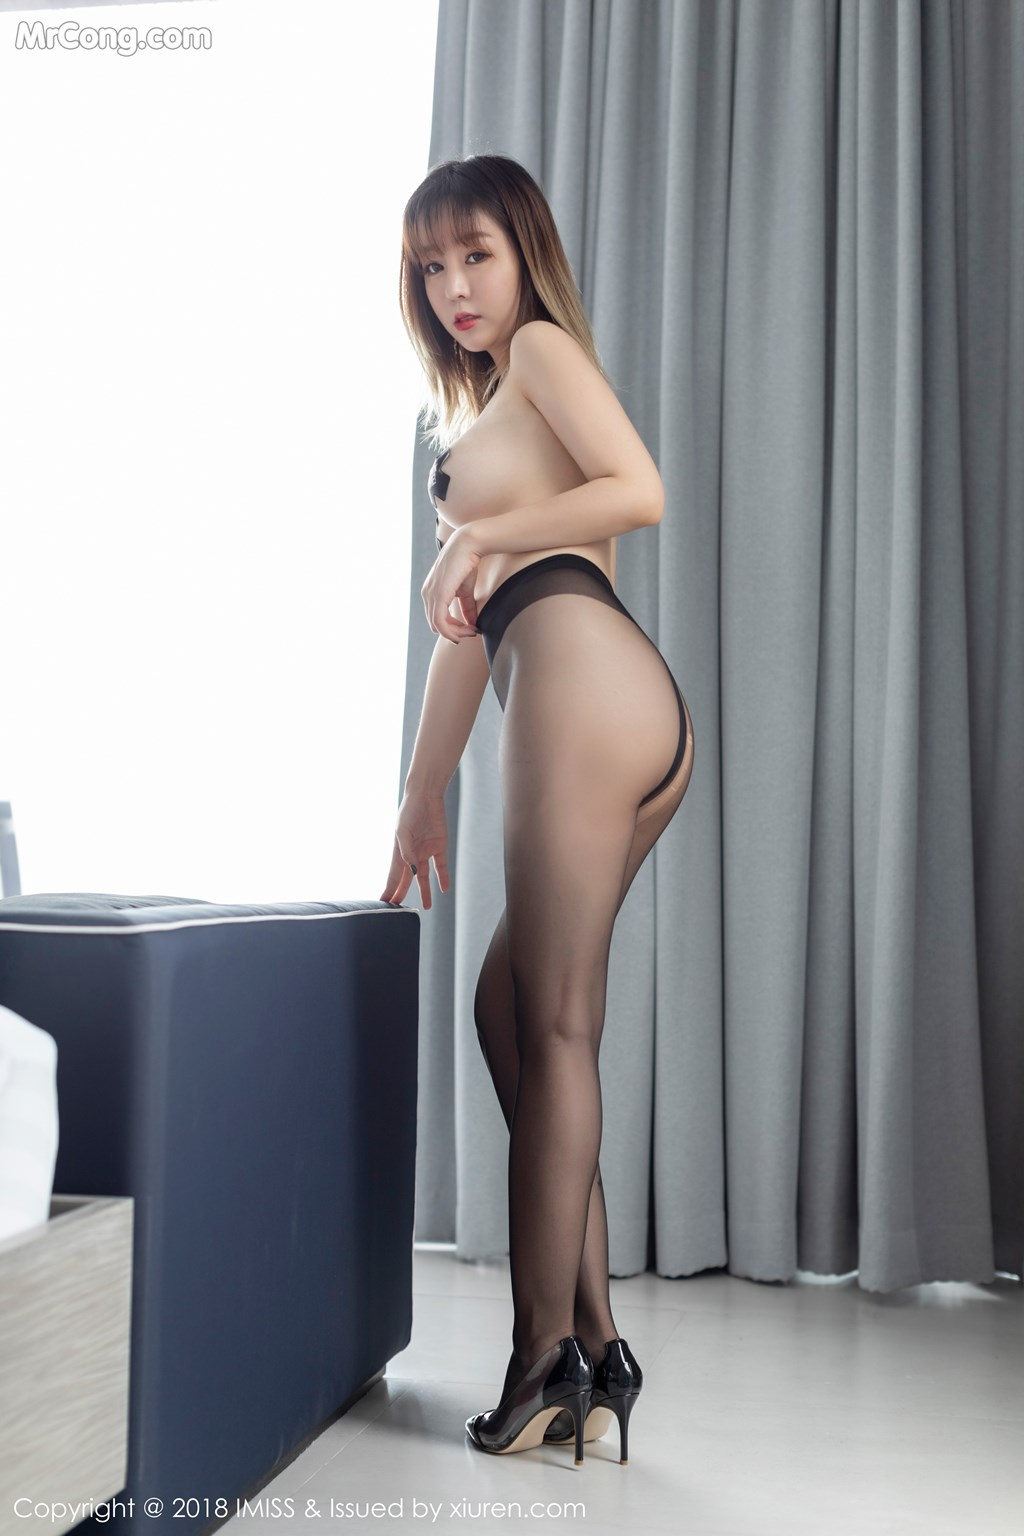 Image IMISS-Vol.310-Wang-Yu-Chun-MrCong.com-014 in post IMISS Vol.310: Người mẫu Wang Yu Chun (王雨纯) (37 ảnh)